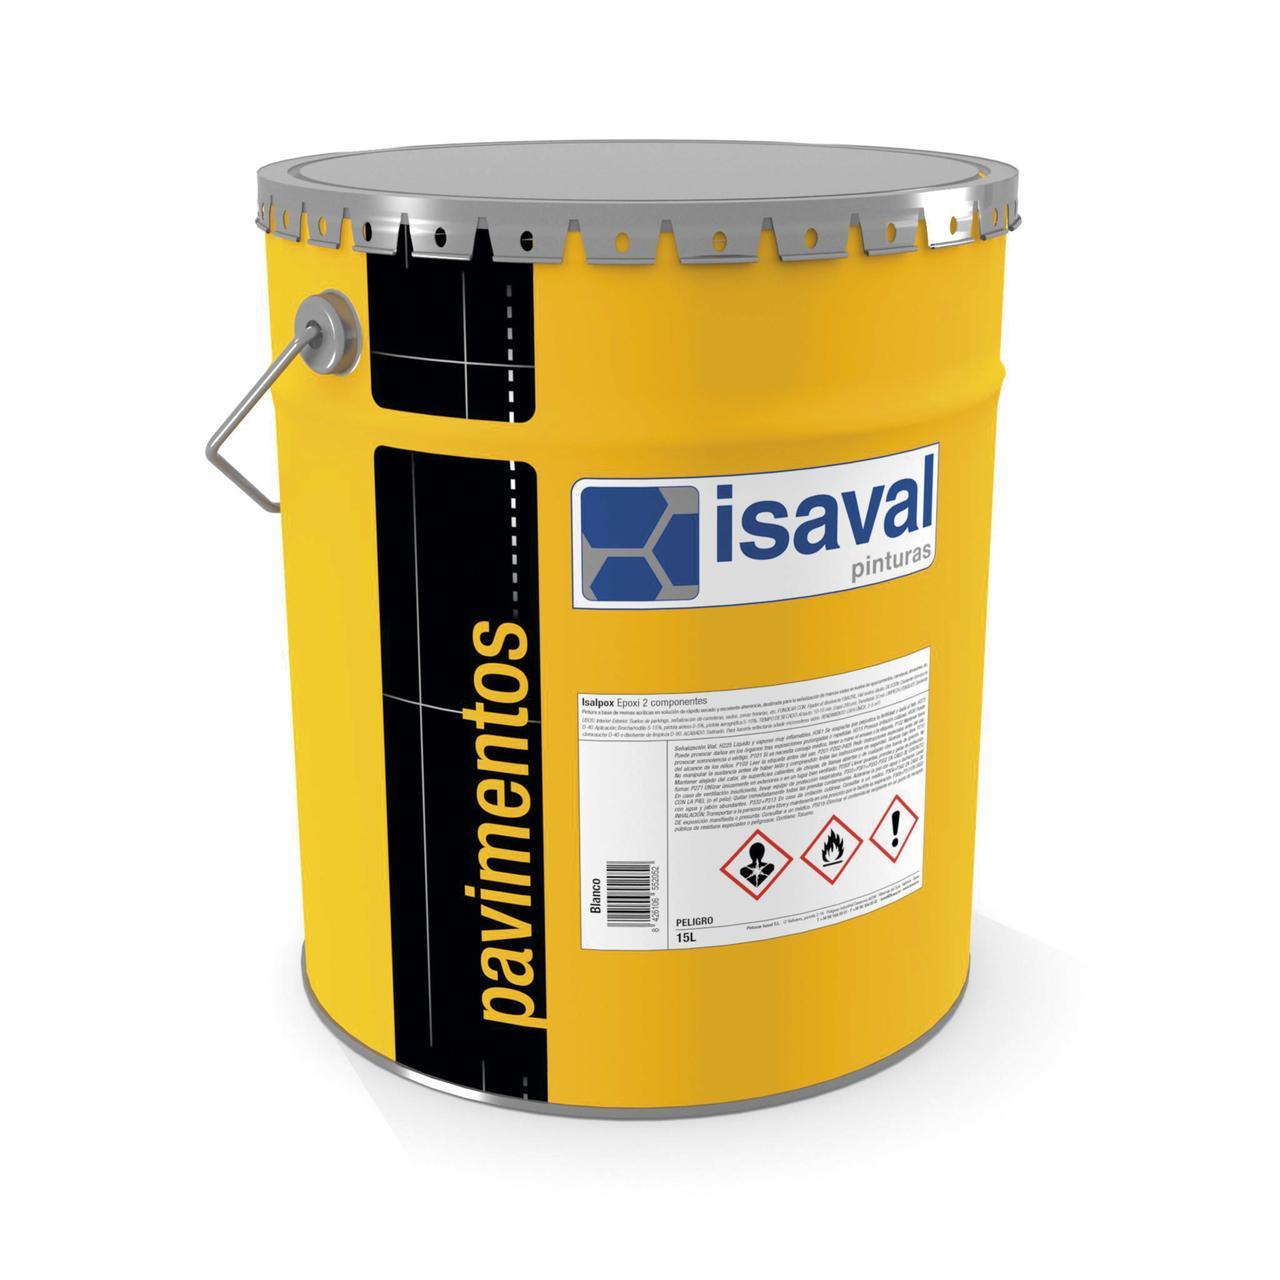 Эпоксидная краска для бетонных полов, 2-компонентная Изалпокс ISAVAL, база TR 16л ≈ 160м²/слой